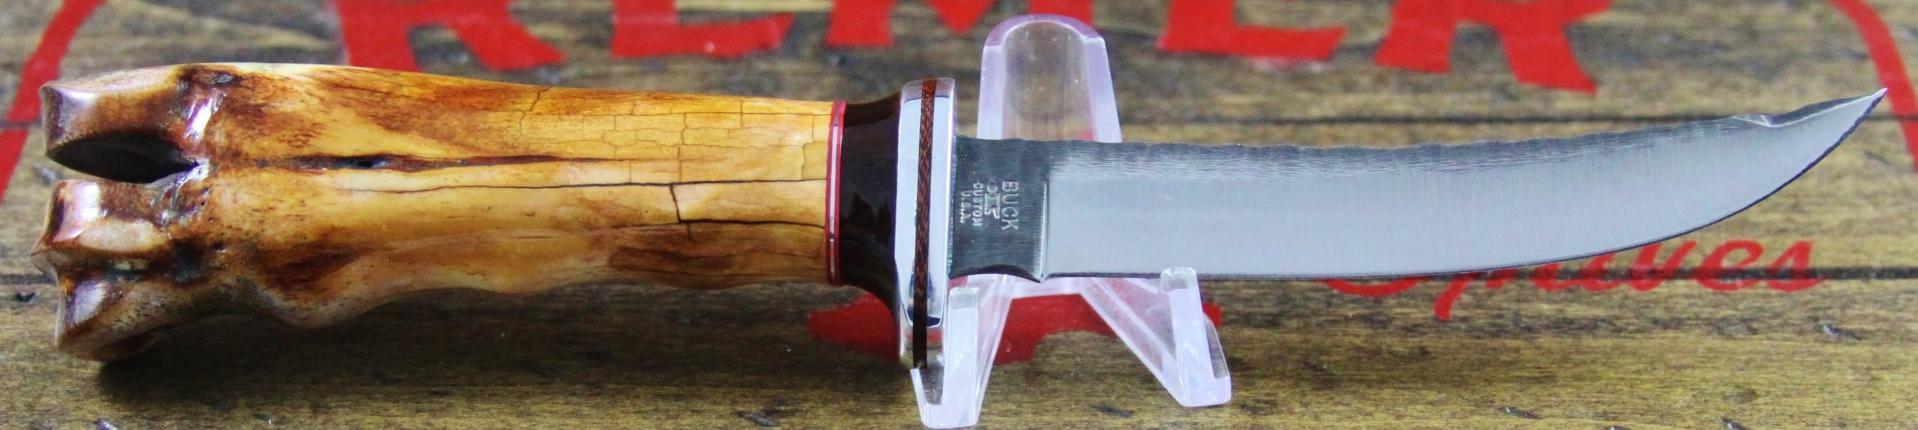 Leg Bone Handle Material Example - 1